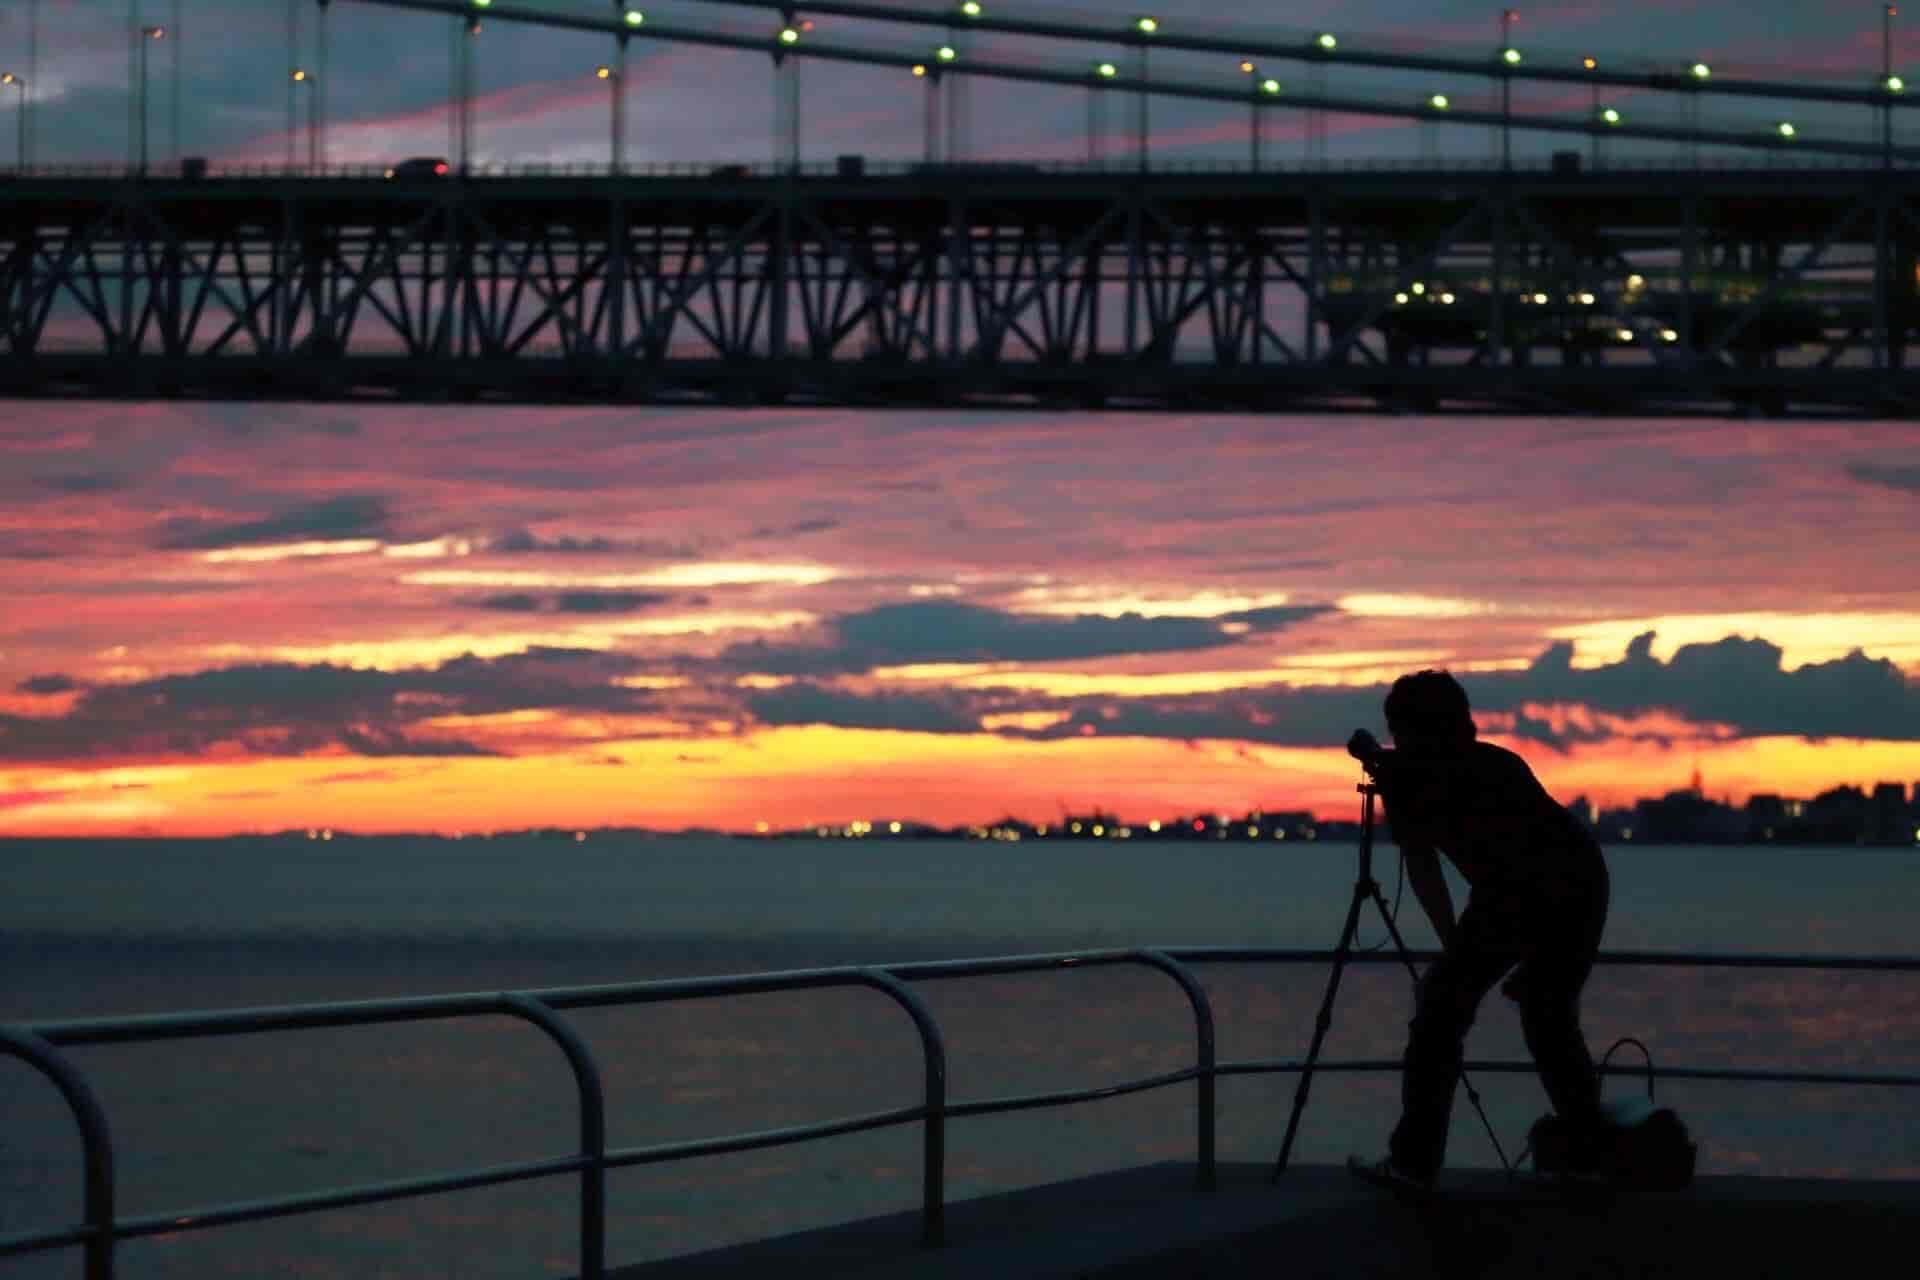 ラブ探偵事務所と他社の千葉県君津市での夜間暗視撮影